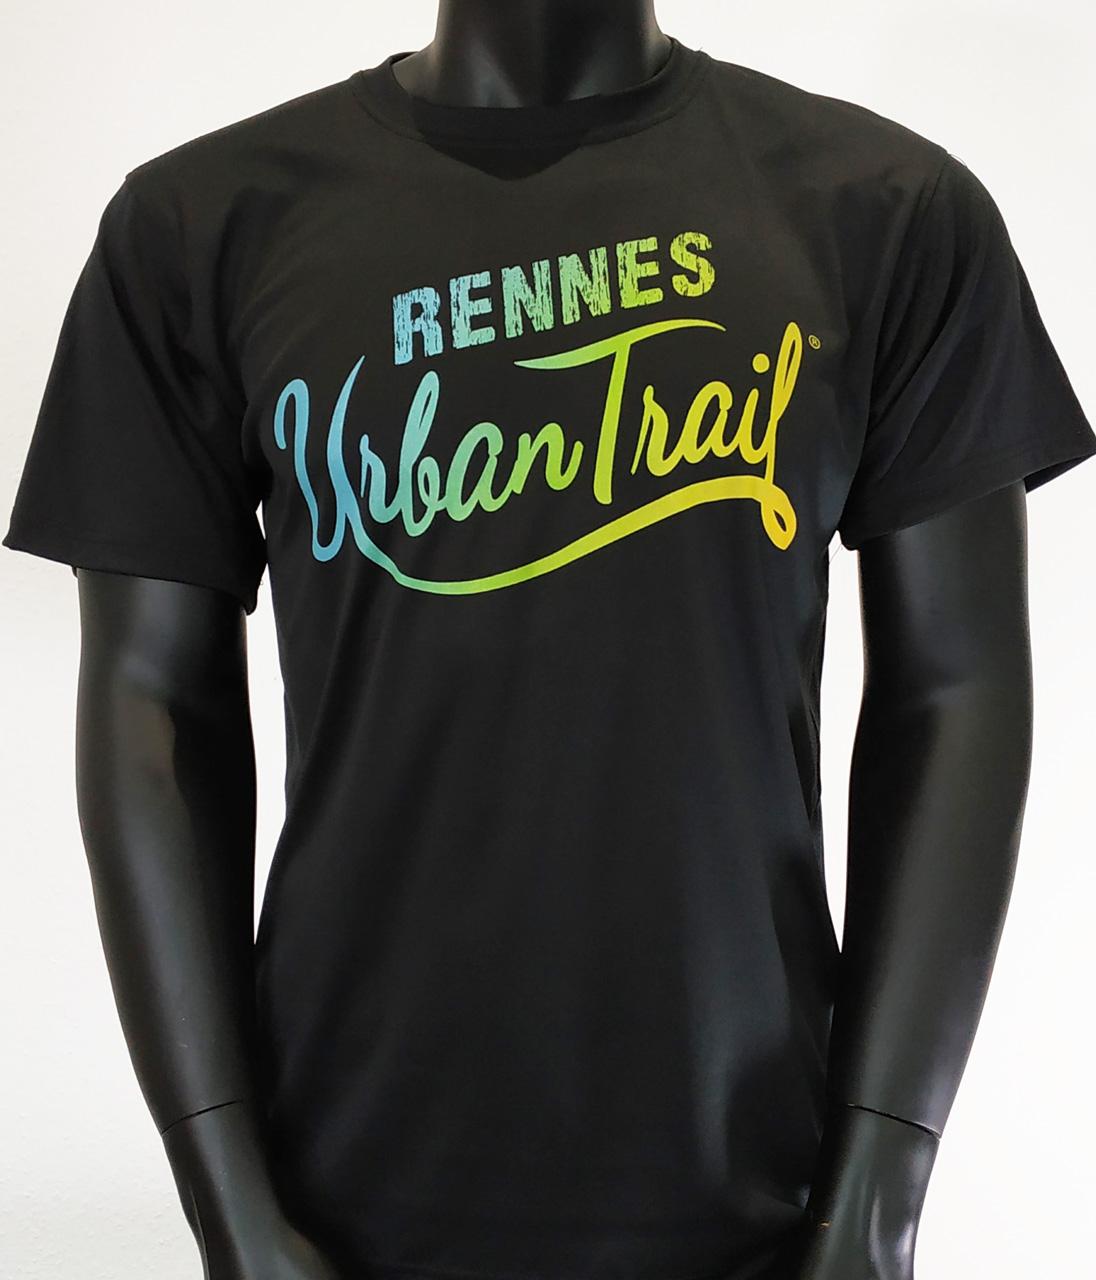 Impression digitale directe sur t-shirt technique noir en 100% polyester. L'encre s'intègre dans la fibre etgarde tout sa souplesse.